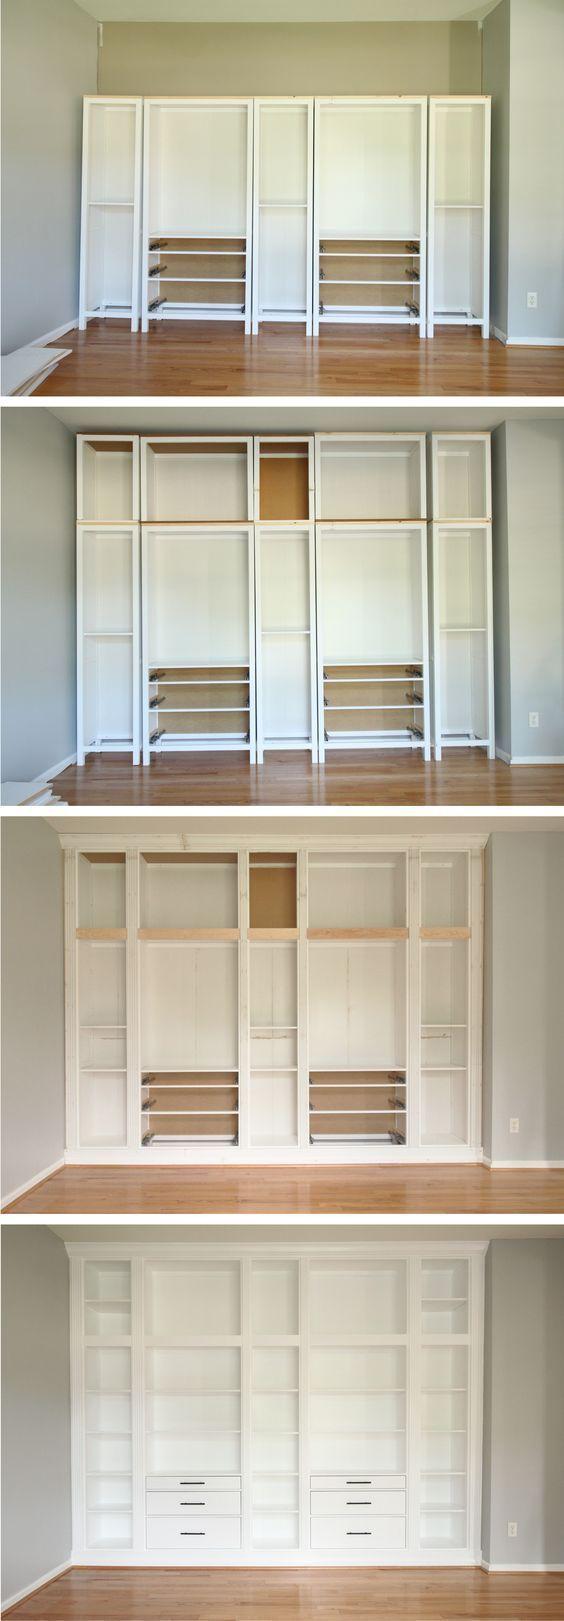 Inbouwkasten Maken Met De Kasten Van Ikea Wooninspiratie